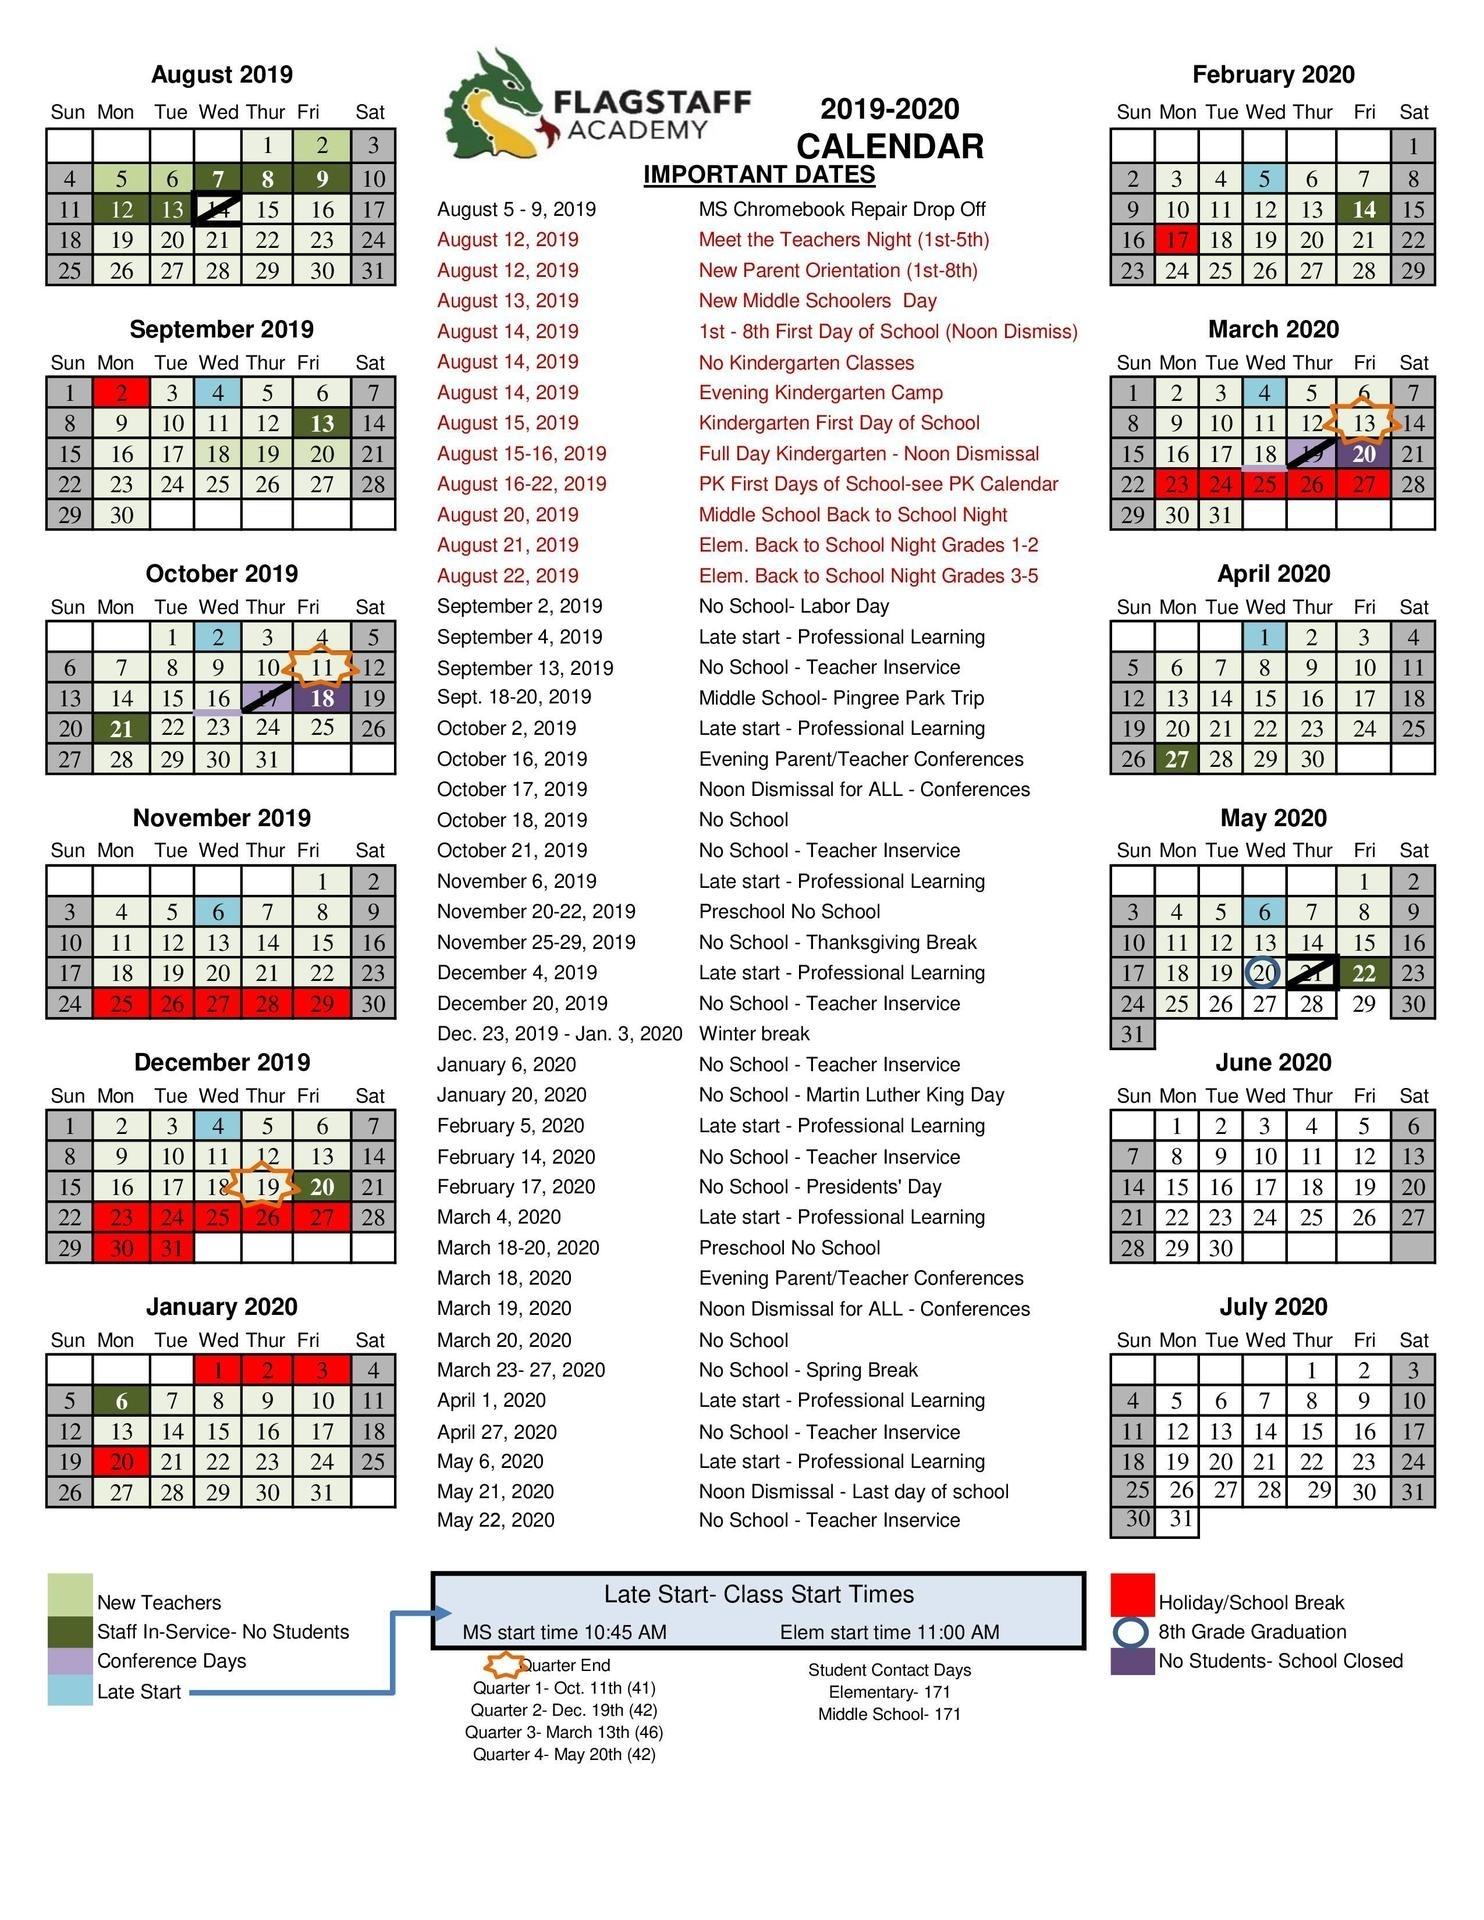 2019-2020 Academic Calendar - Grade Levels & Academics - Flagstaff intended for Homework Calendar 2019-2020